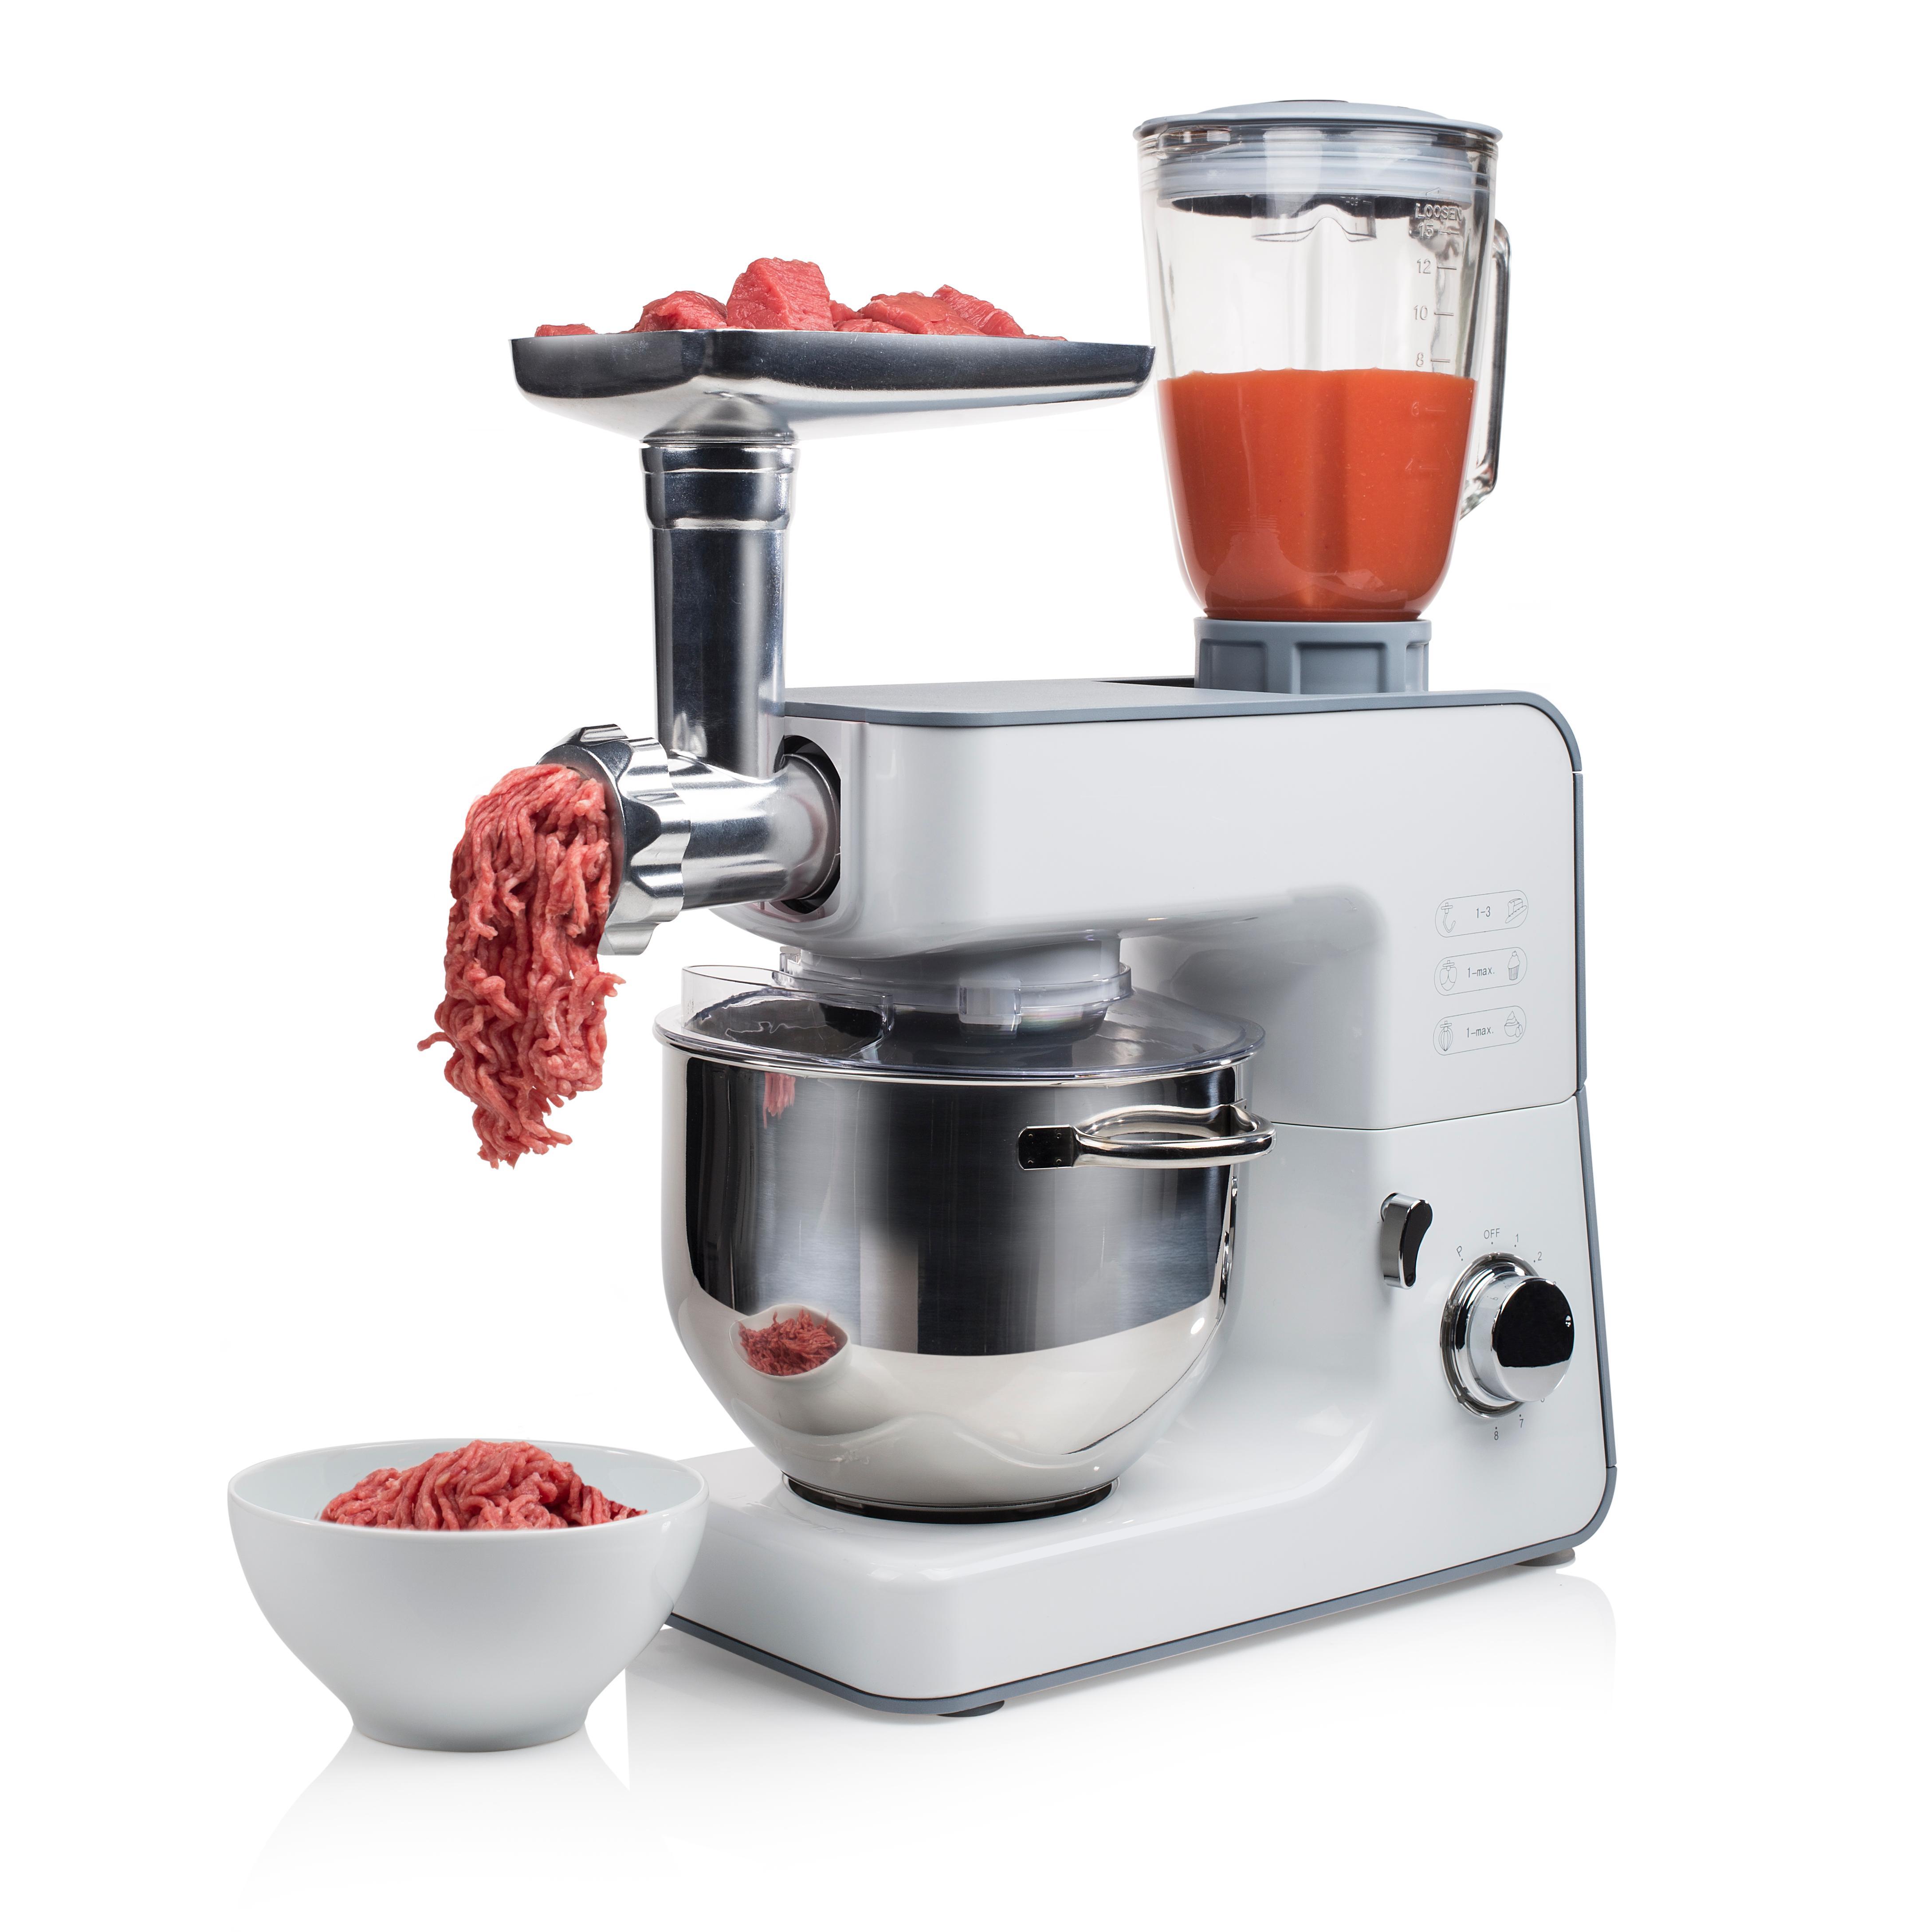 robot da cucina multifunzionale ingrandisci immagine